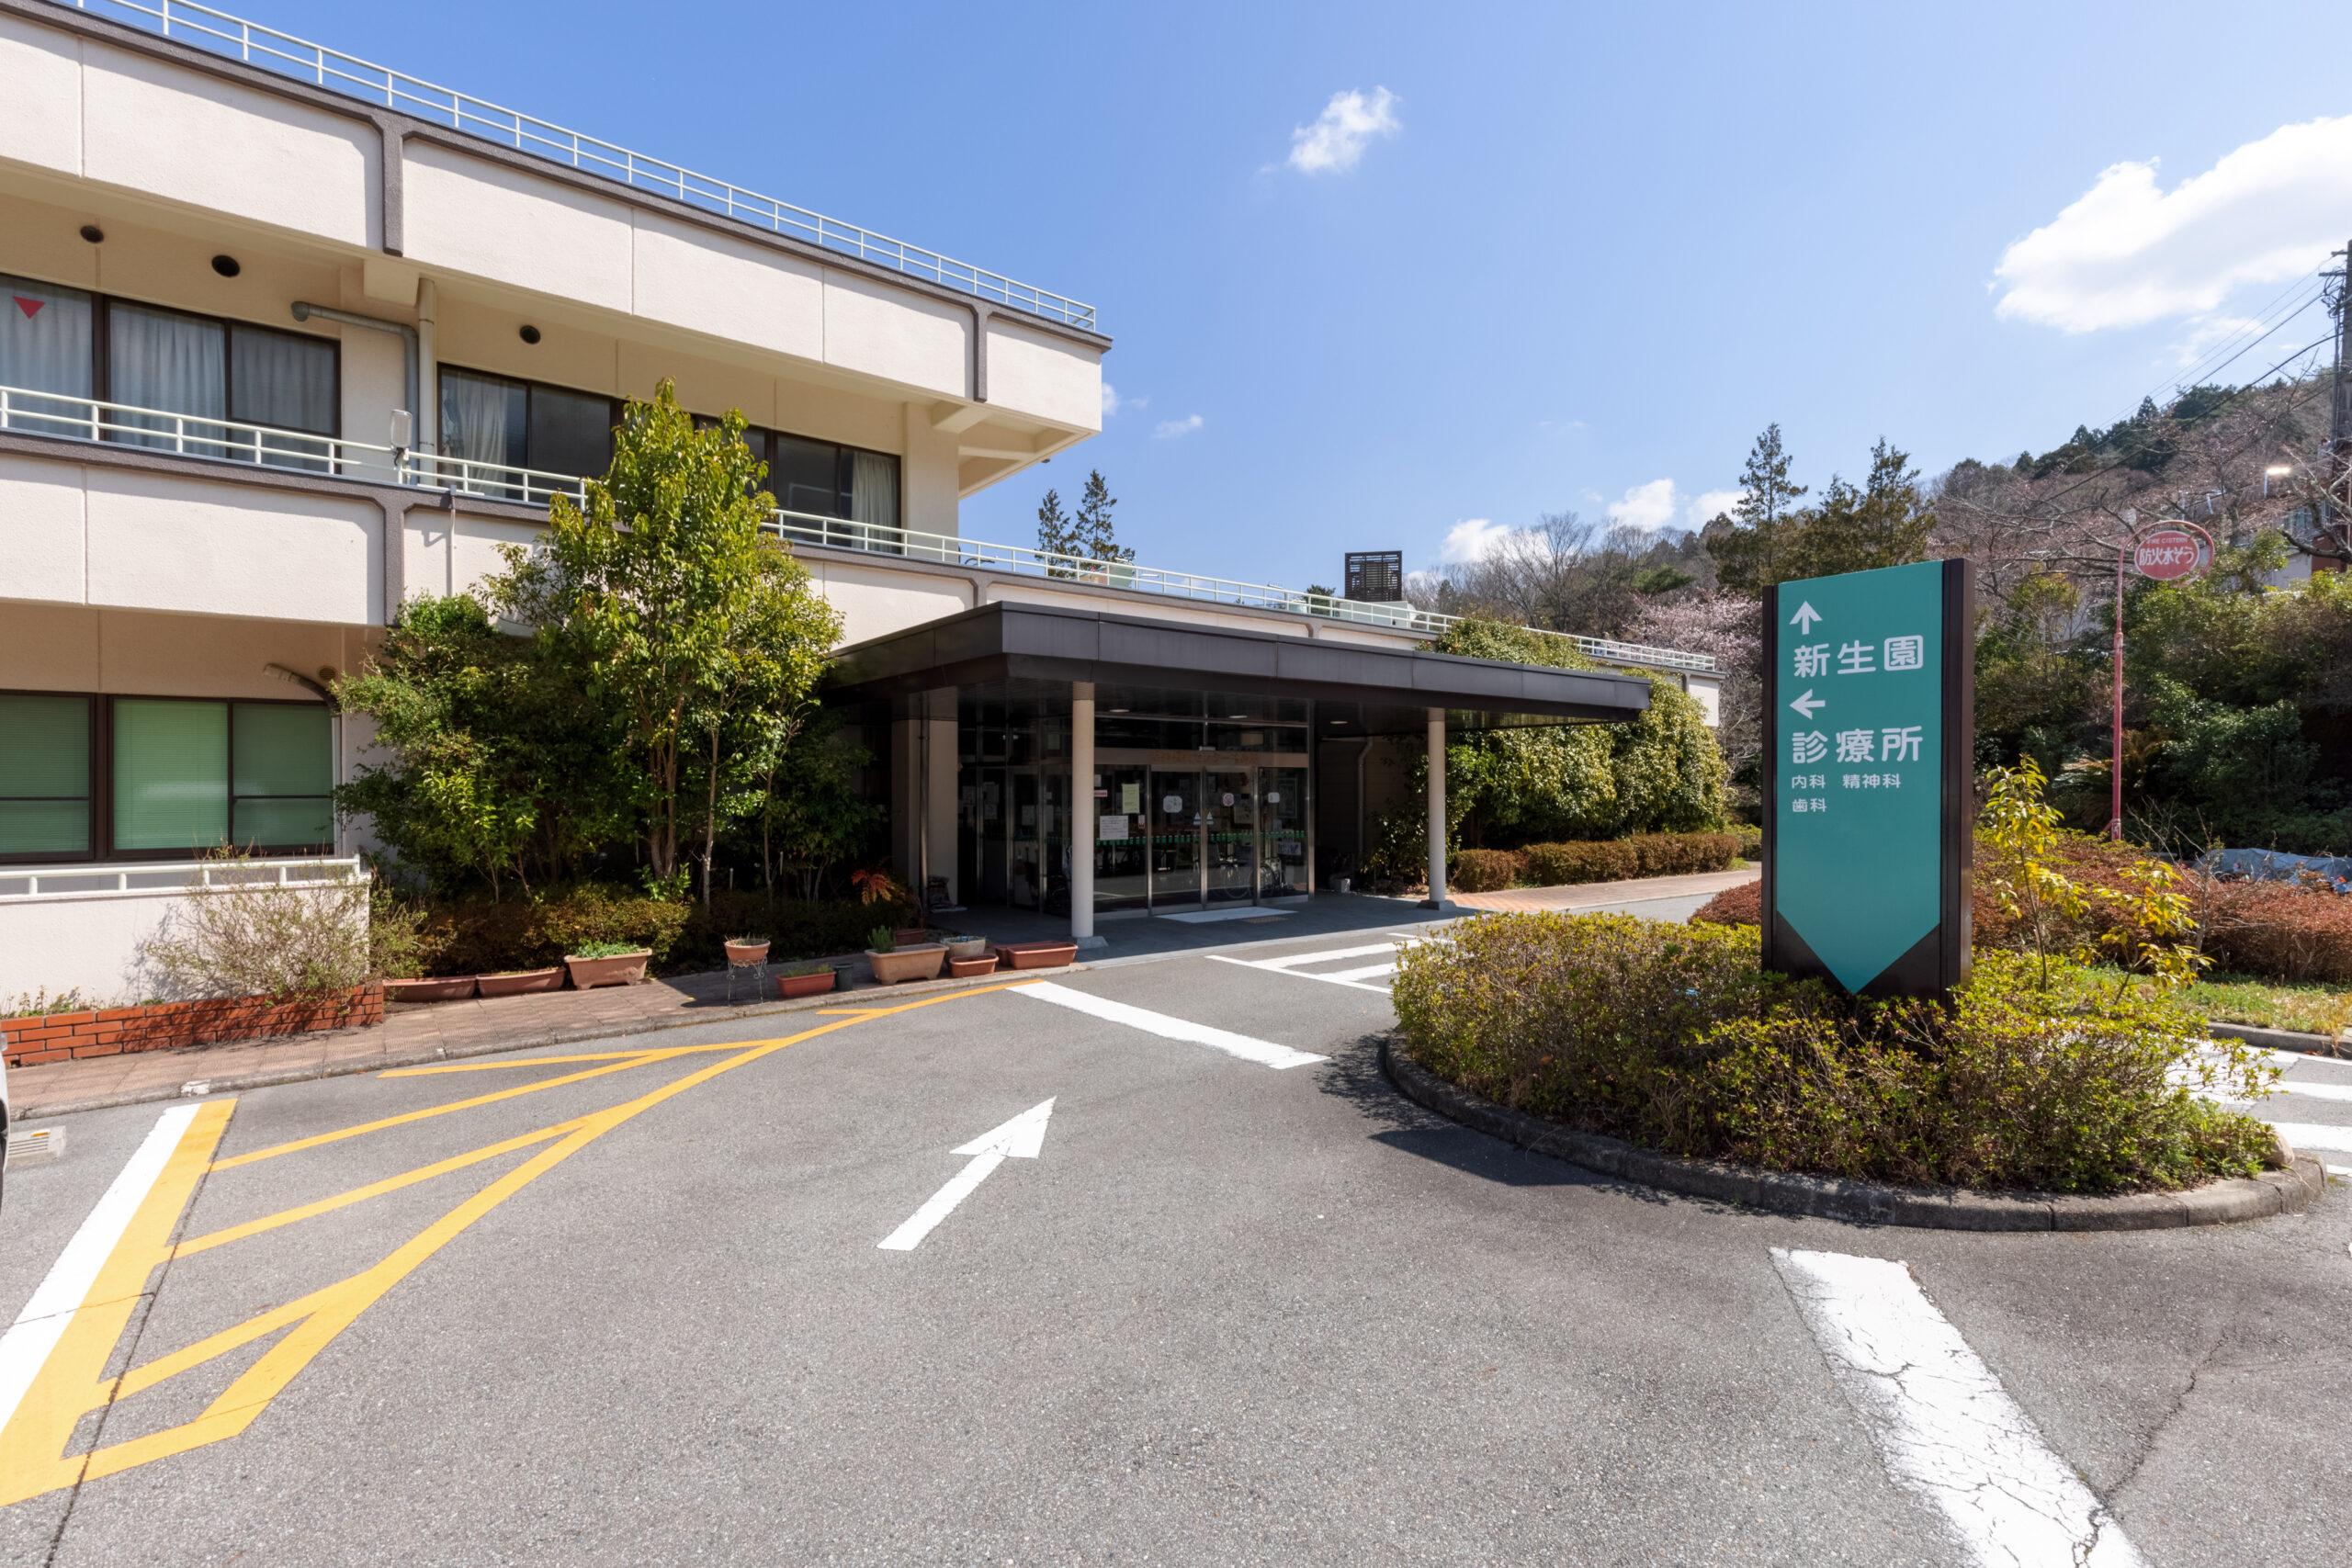 阪神福祉センター診療所 イメージ画像